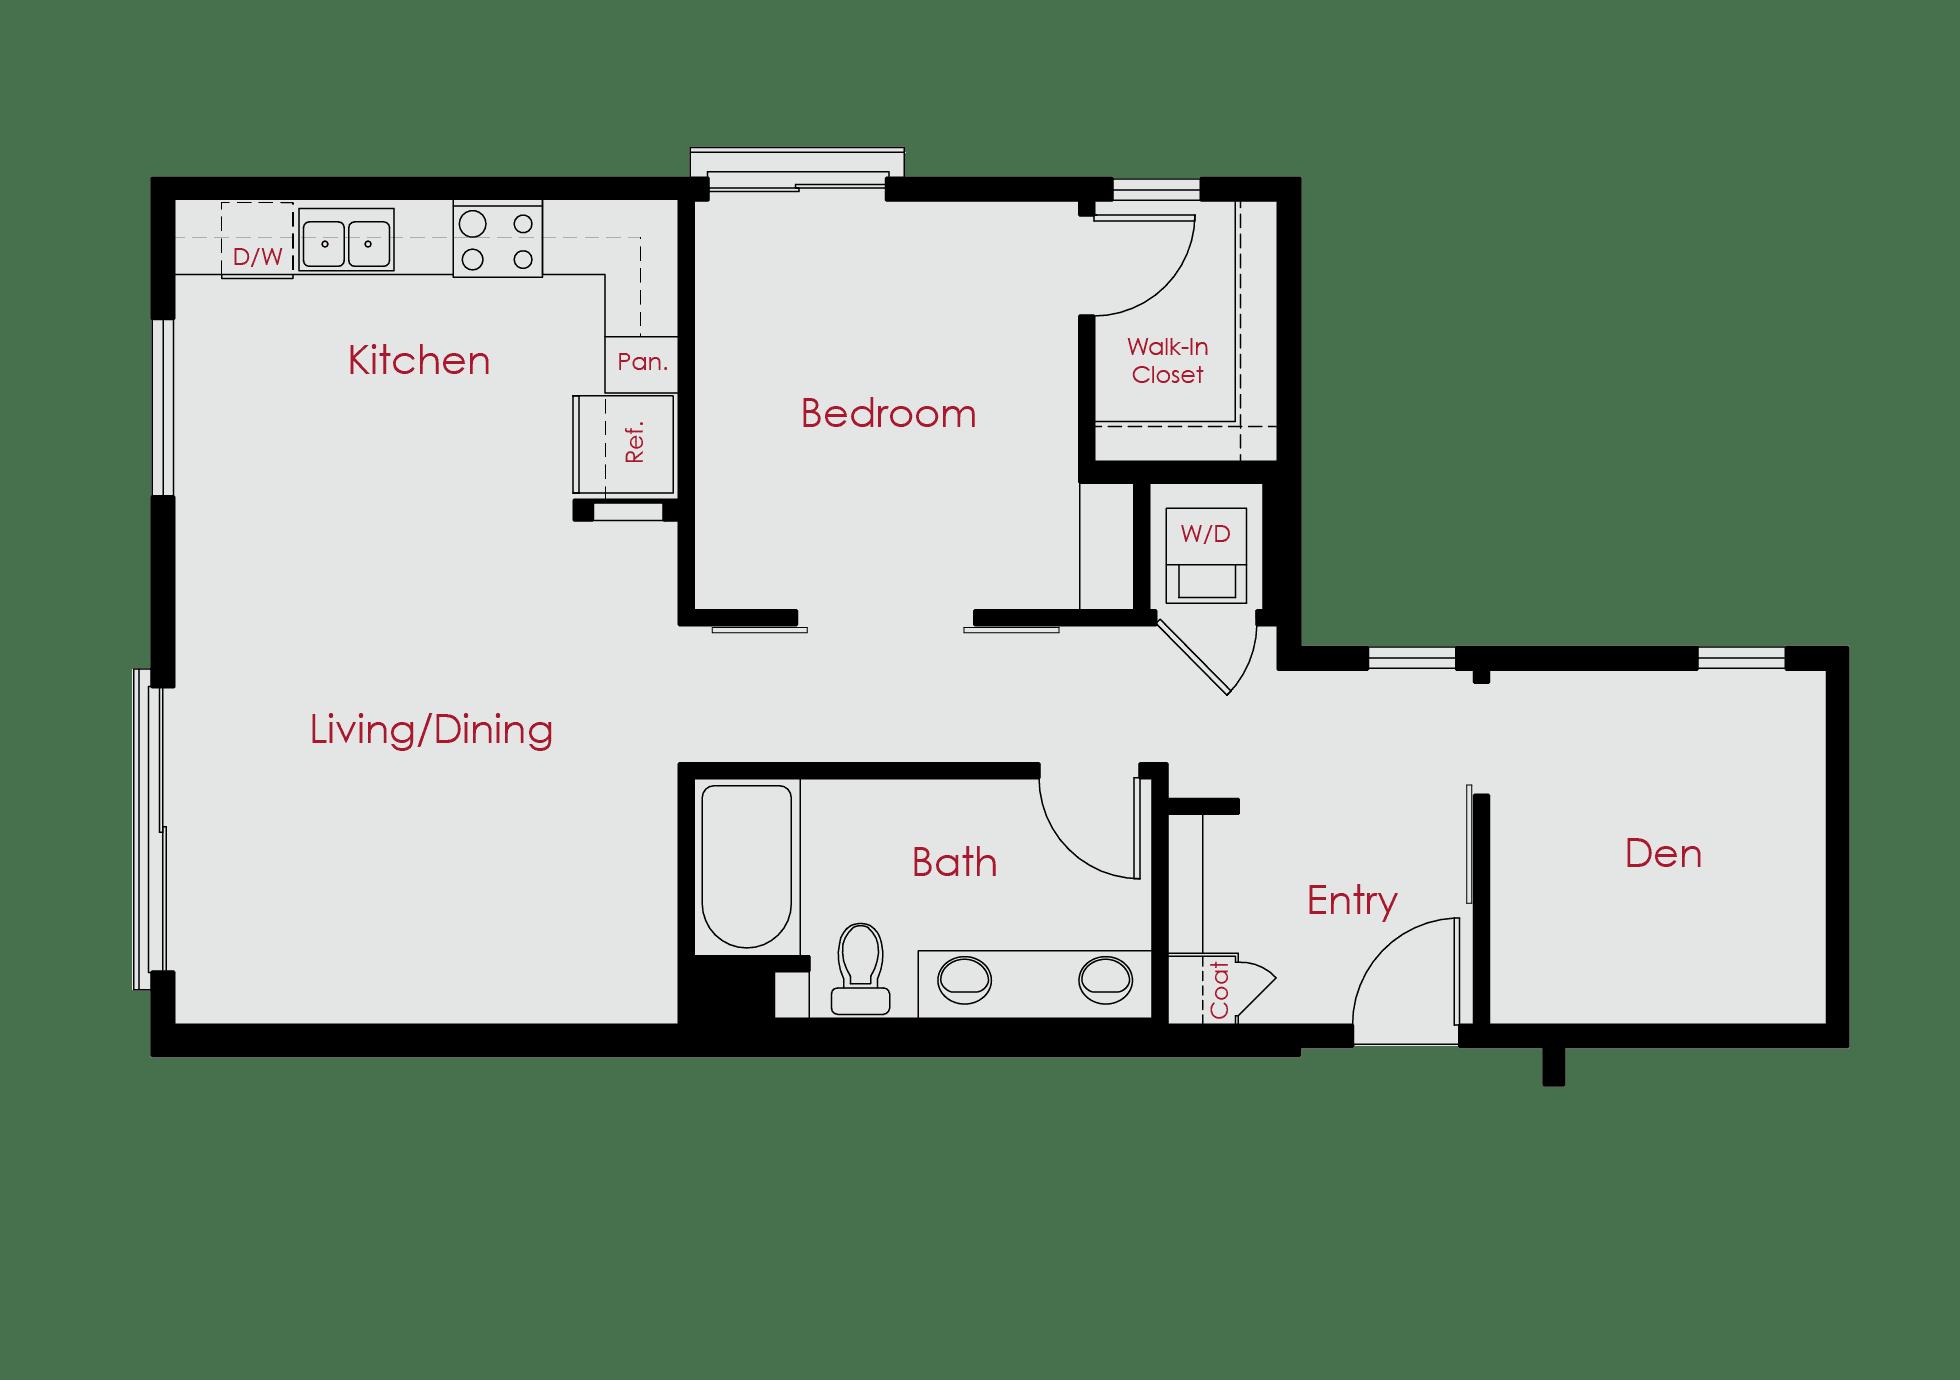 Plan A-8